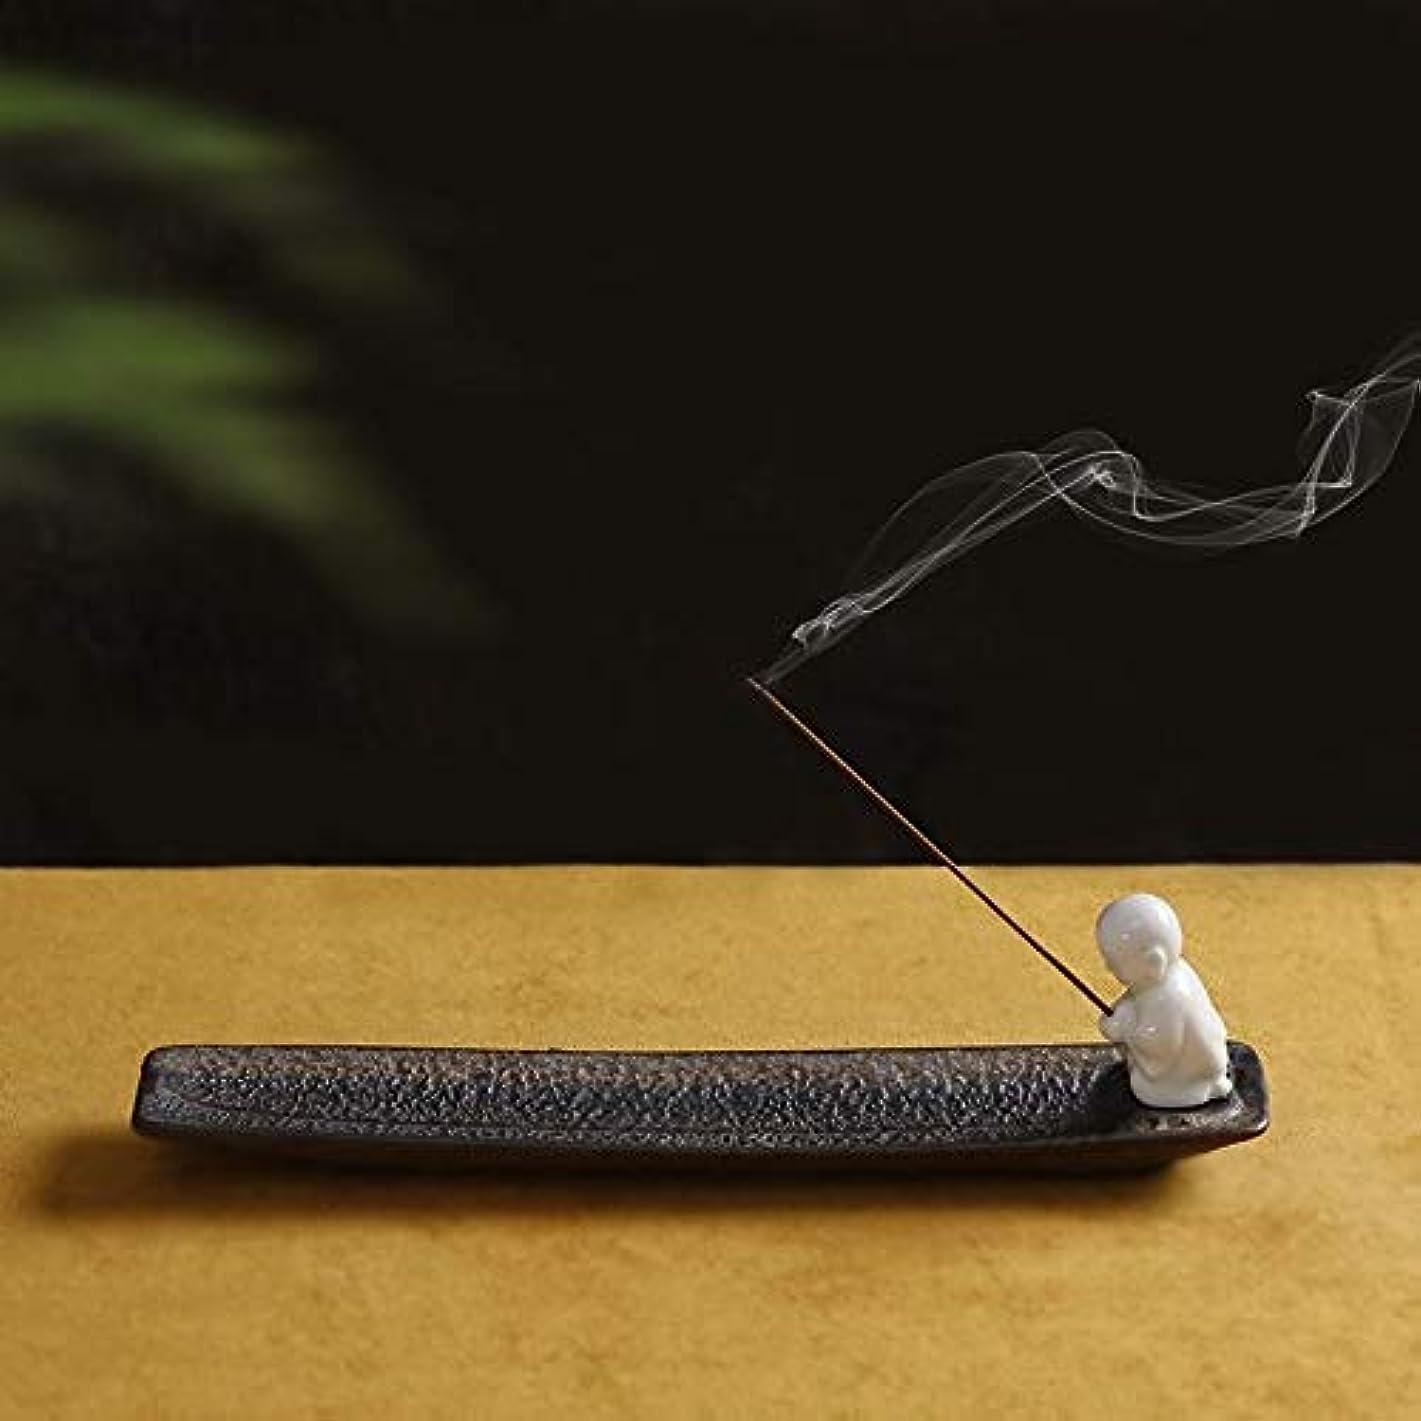 顔料ネットビルPHILOGOD 陶器香炉 クリエイティブスタイリング香置物 仏壇用線香立て 香皿